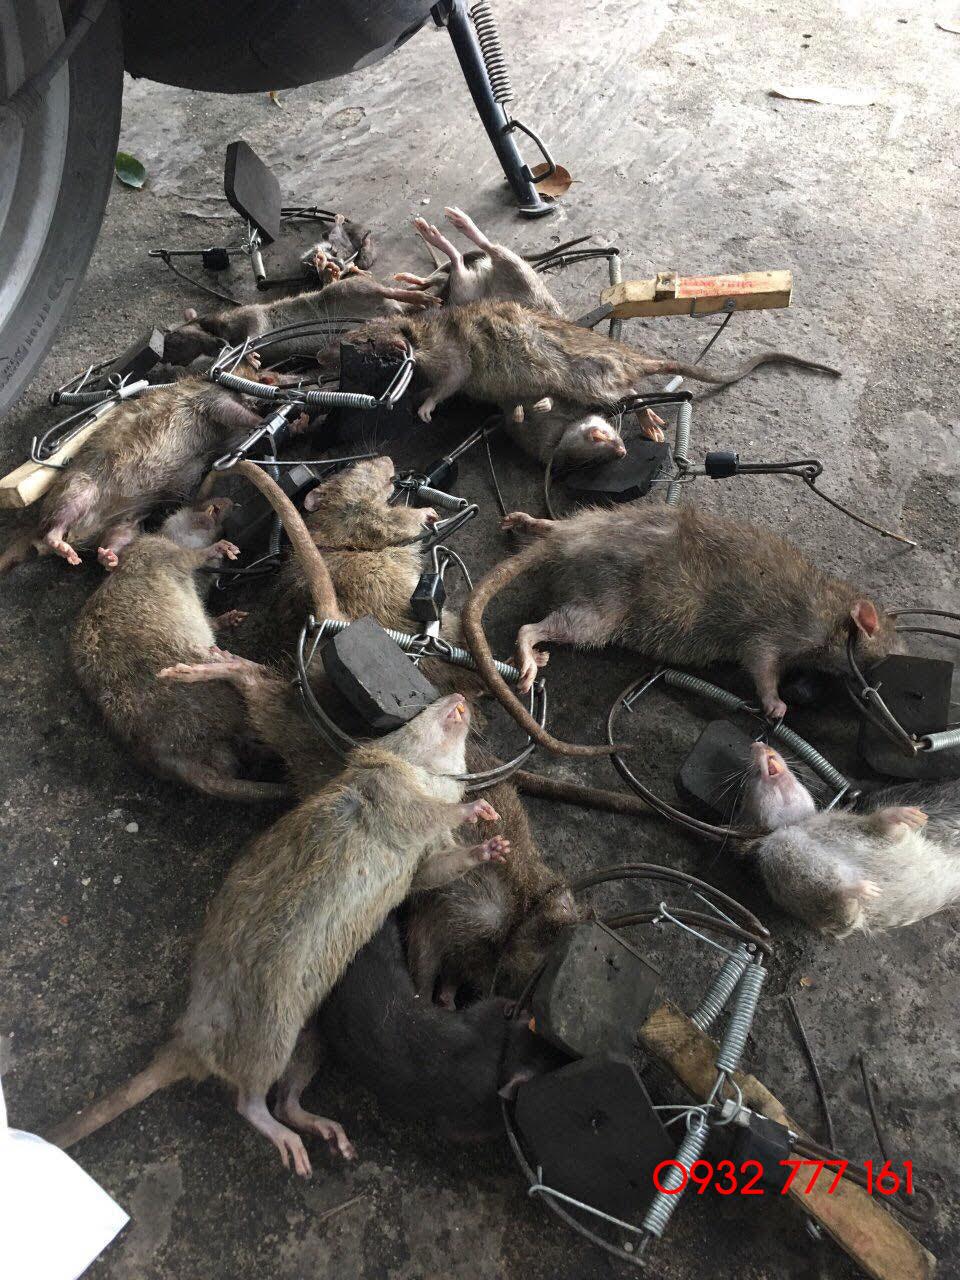 diệt chuột đà nẵng